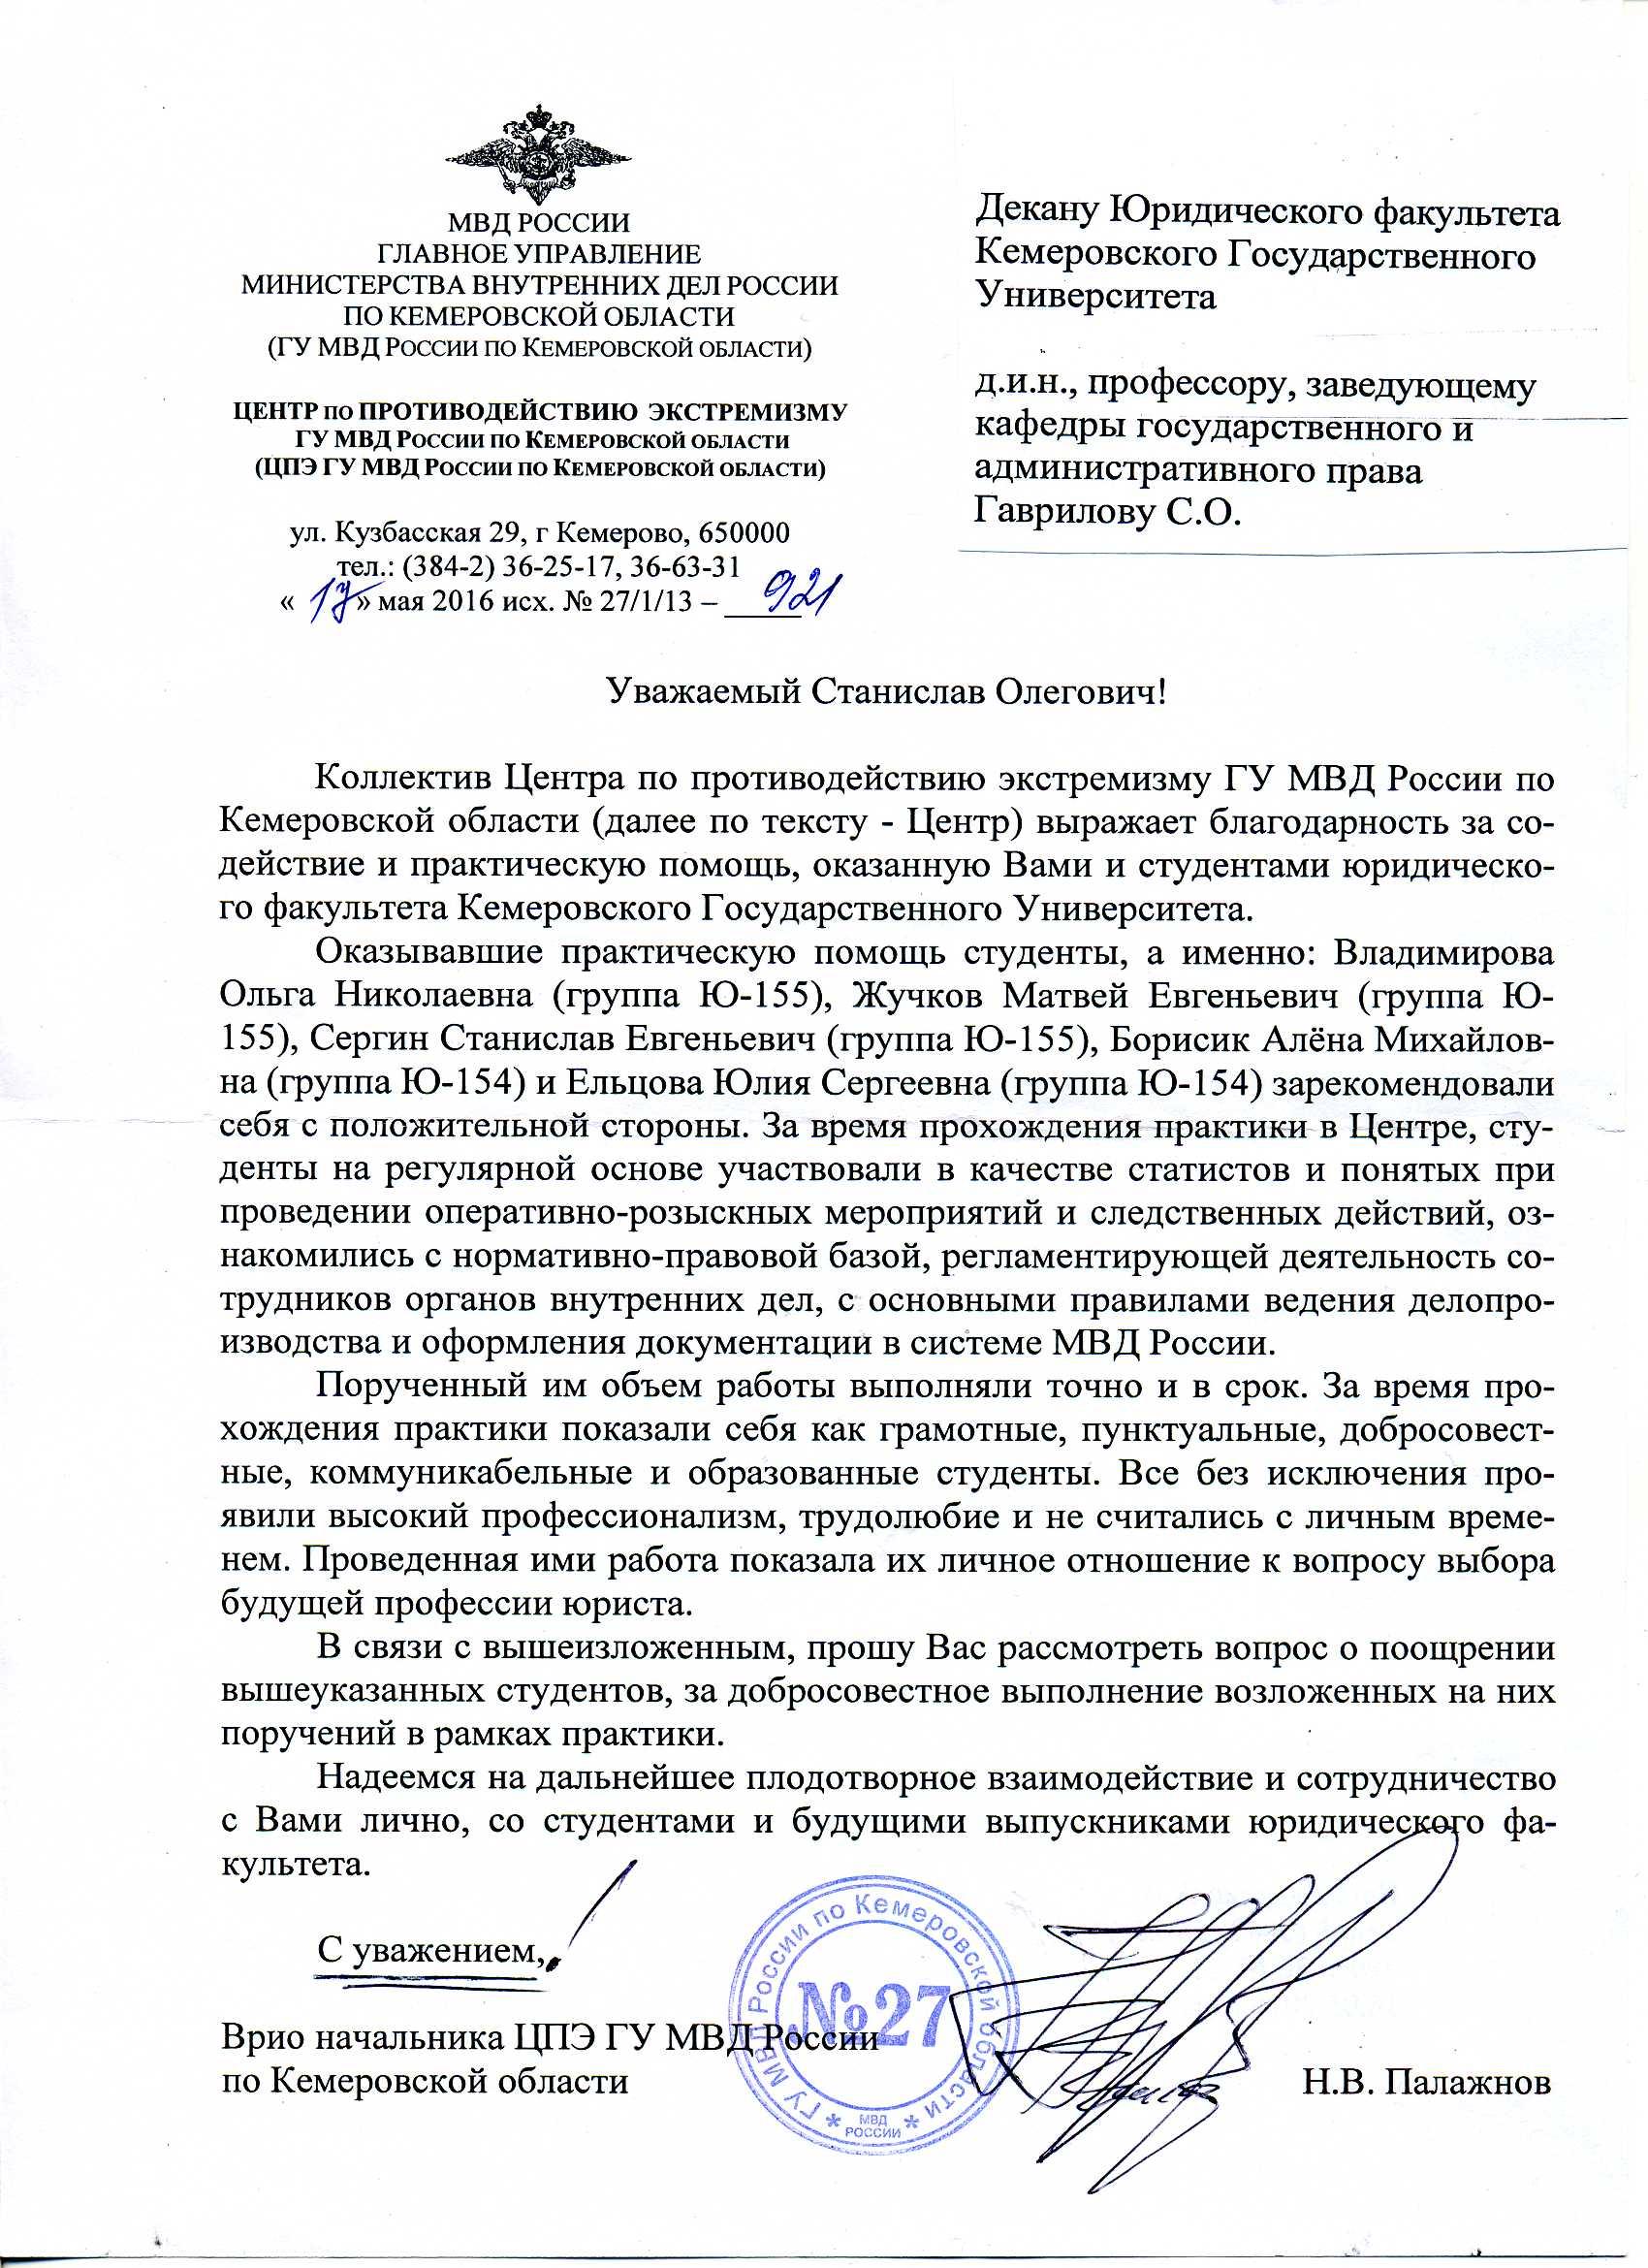 ЮИ КемГУ Юридический институт КемГУ Благодарственное письмо от журнала Налоговед